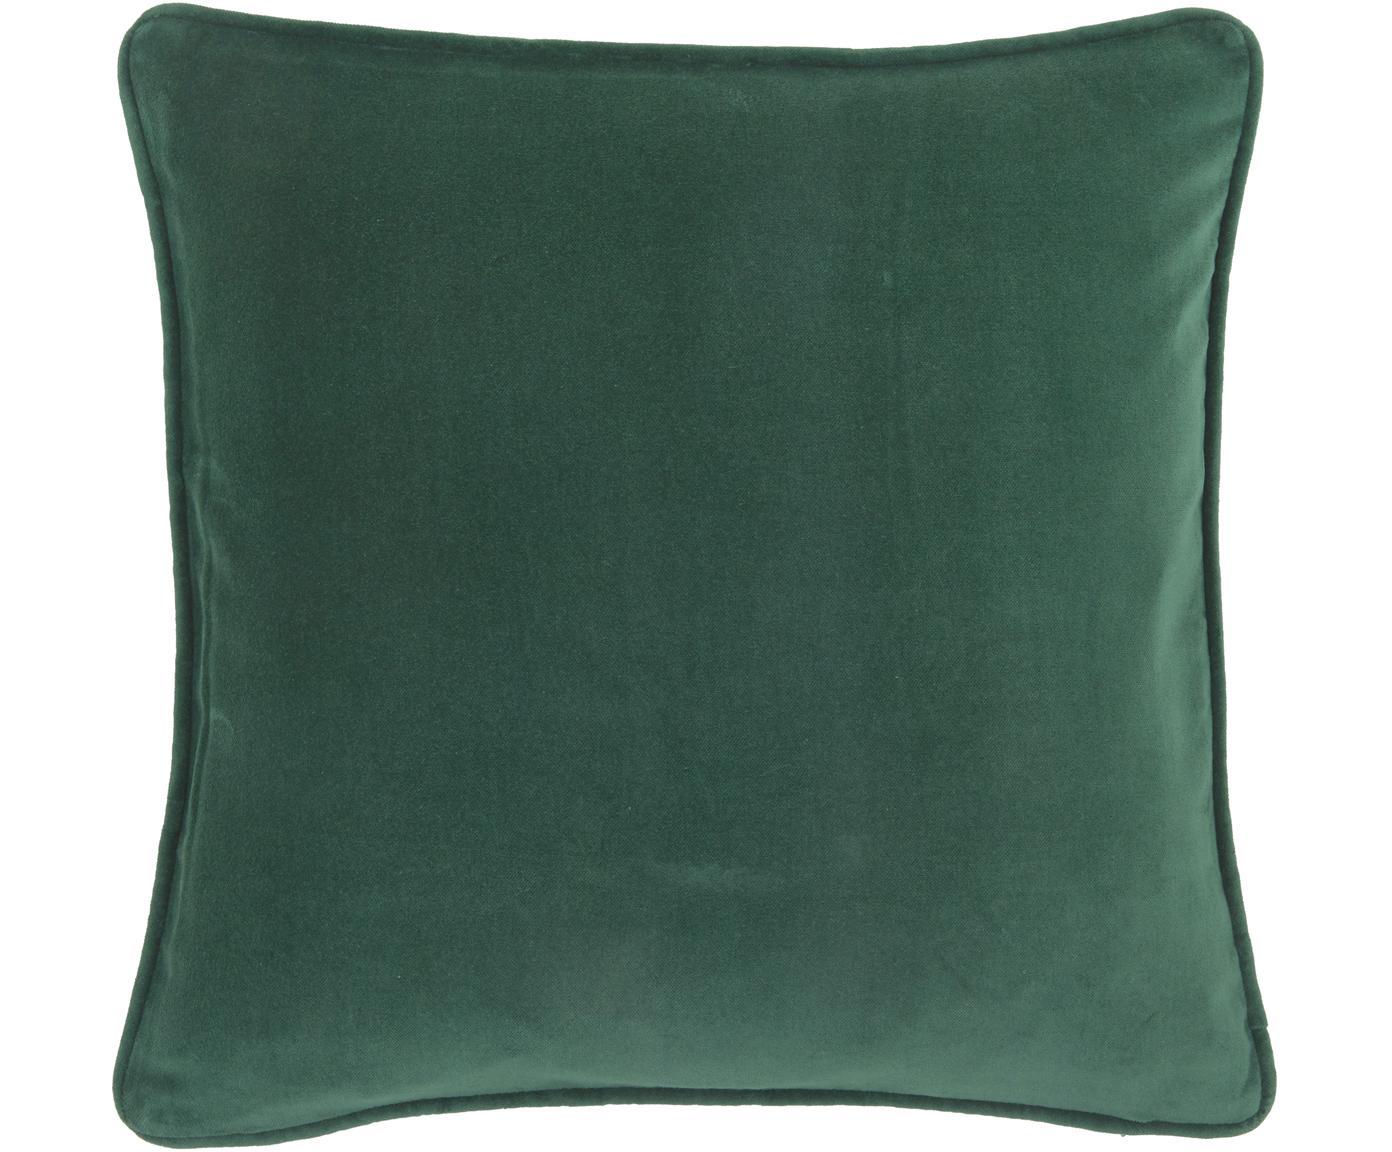 Poszewka na poduszkę z aksamitu Dana, Aksamit bawełniany, Szmaragdowy, S 40 x D 40 cm